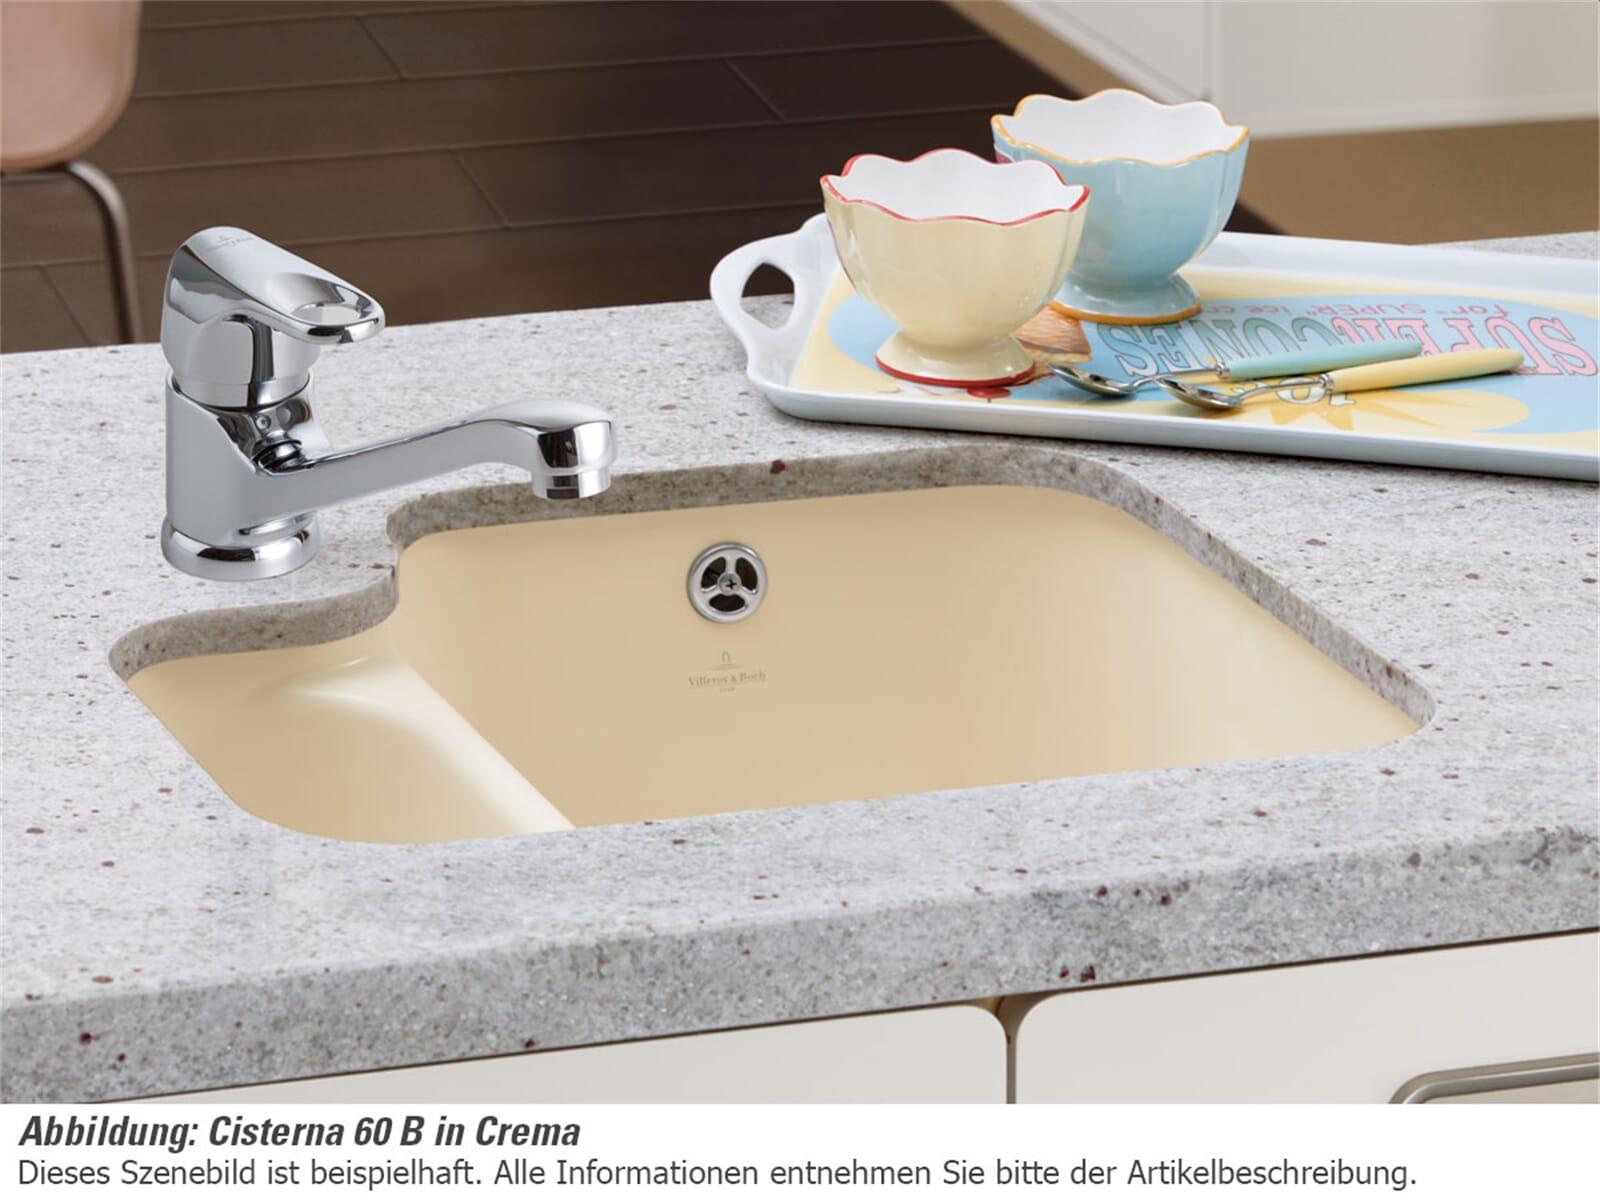 Villeroy & Boch Cisterna 60B Sand - 6702 01 i5 Keramikspüle Handbetätigung